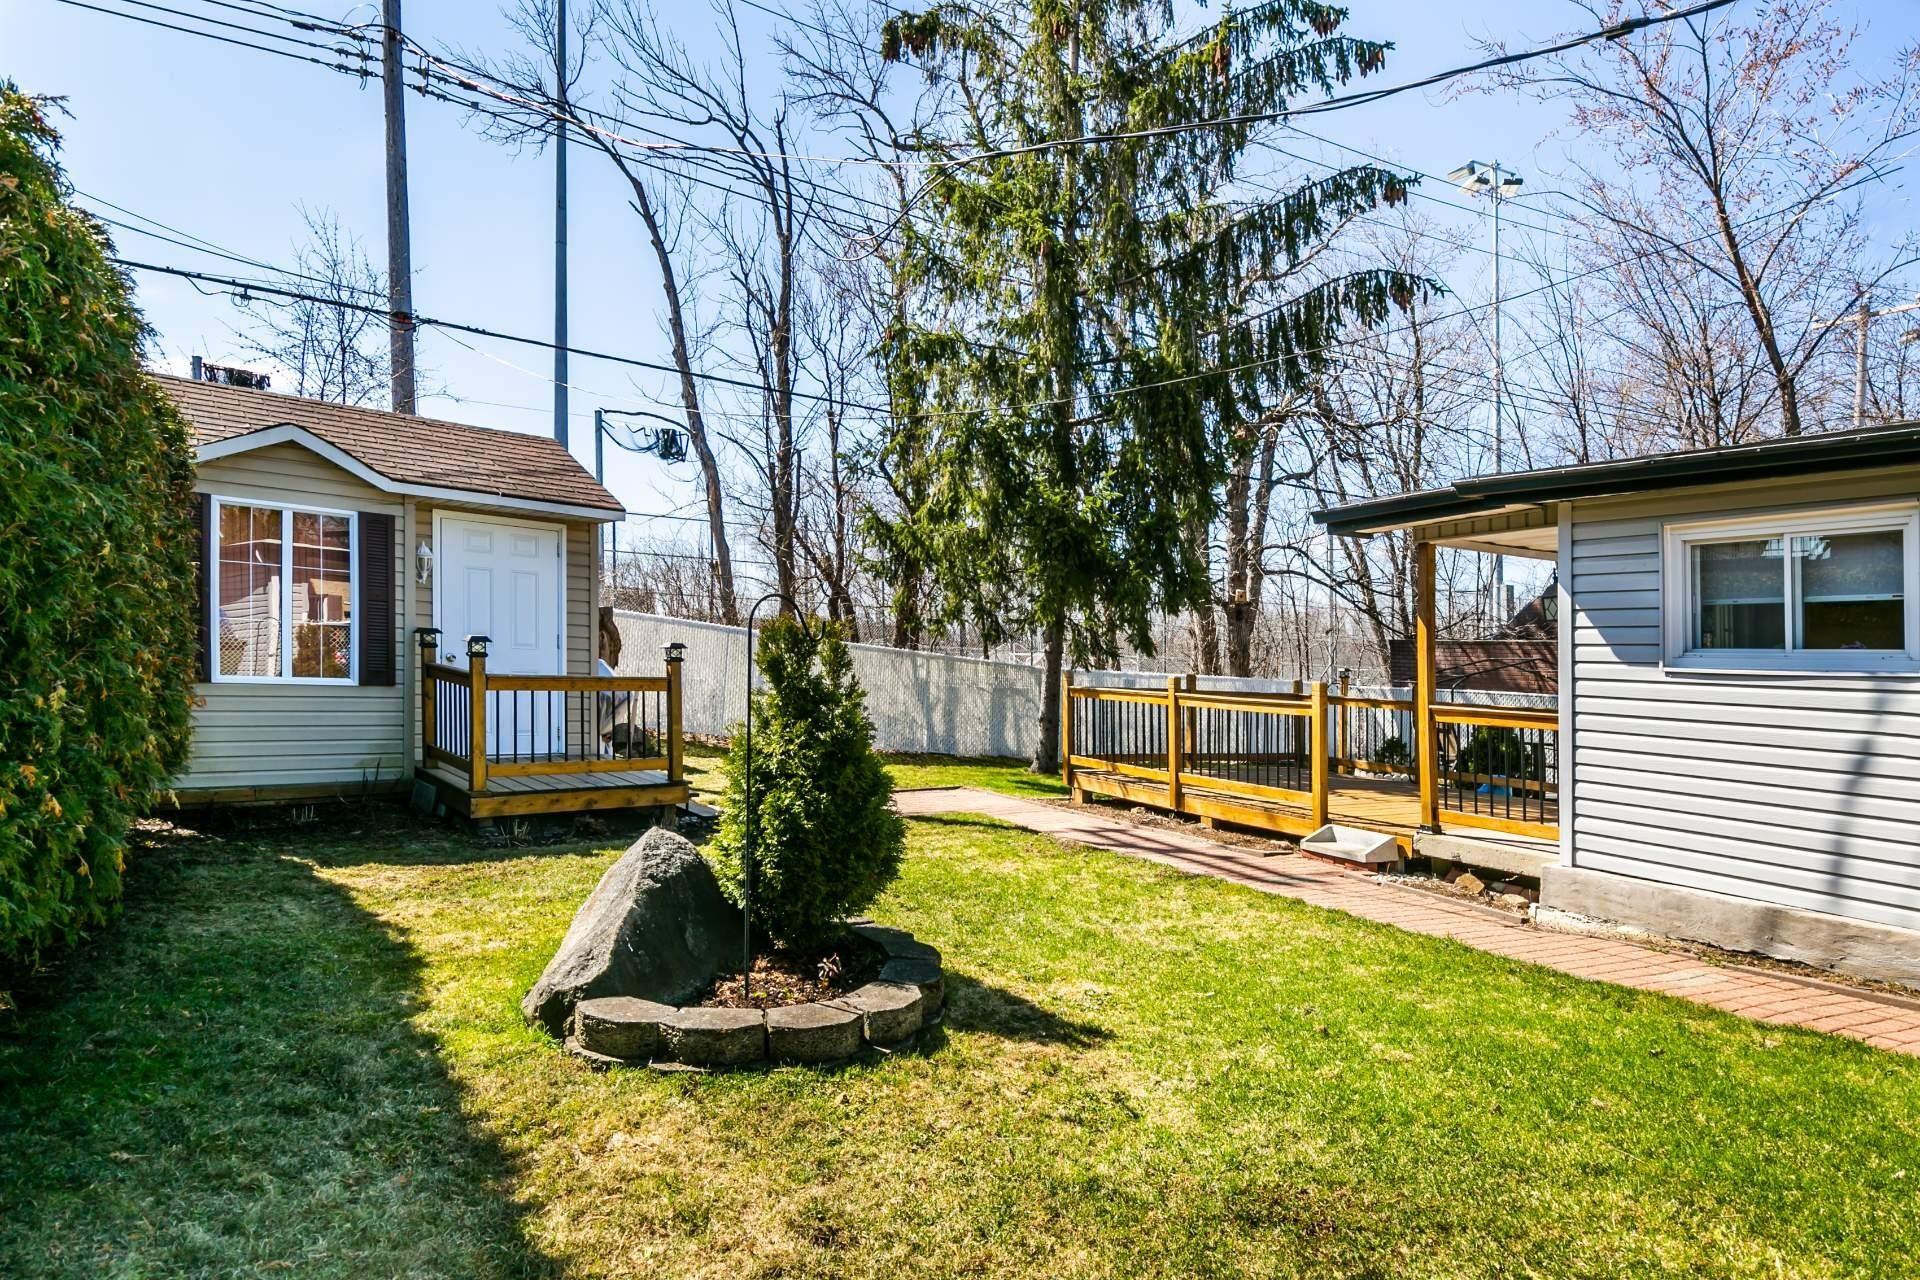 image 22 - Maison À vendre Rivière-des-Prairies/Pointe-aux-Trembles Montréal  - 7 pièces